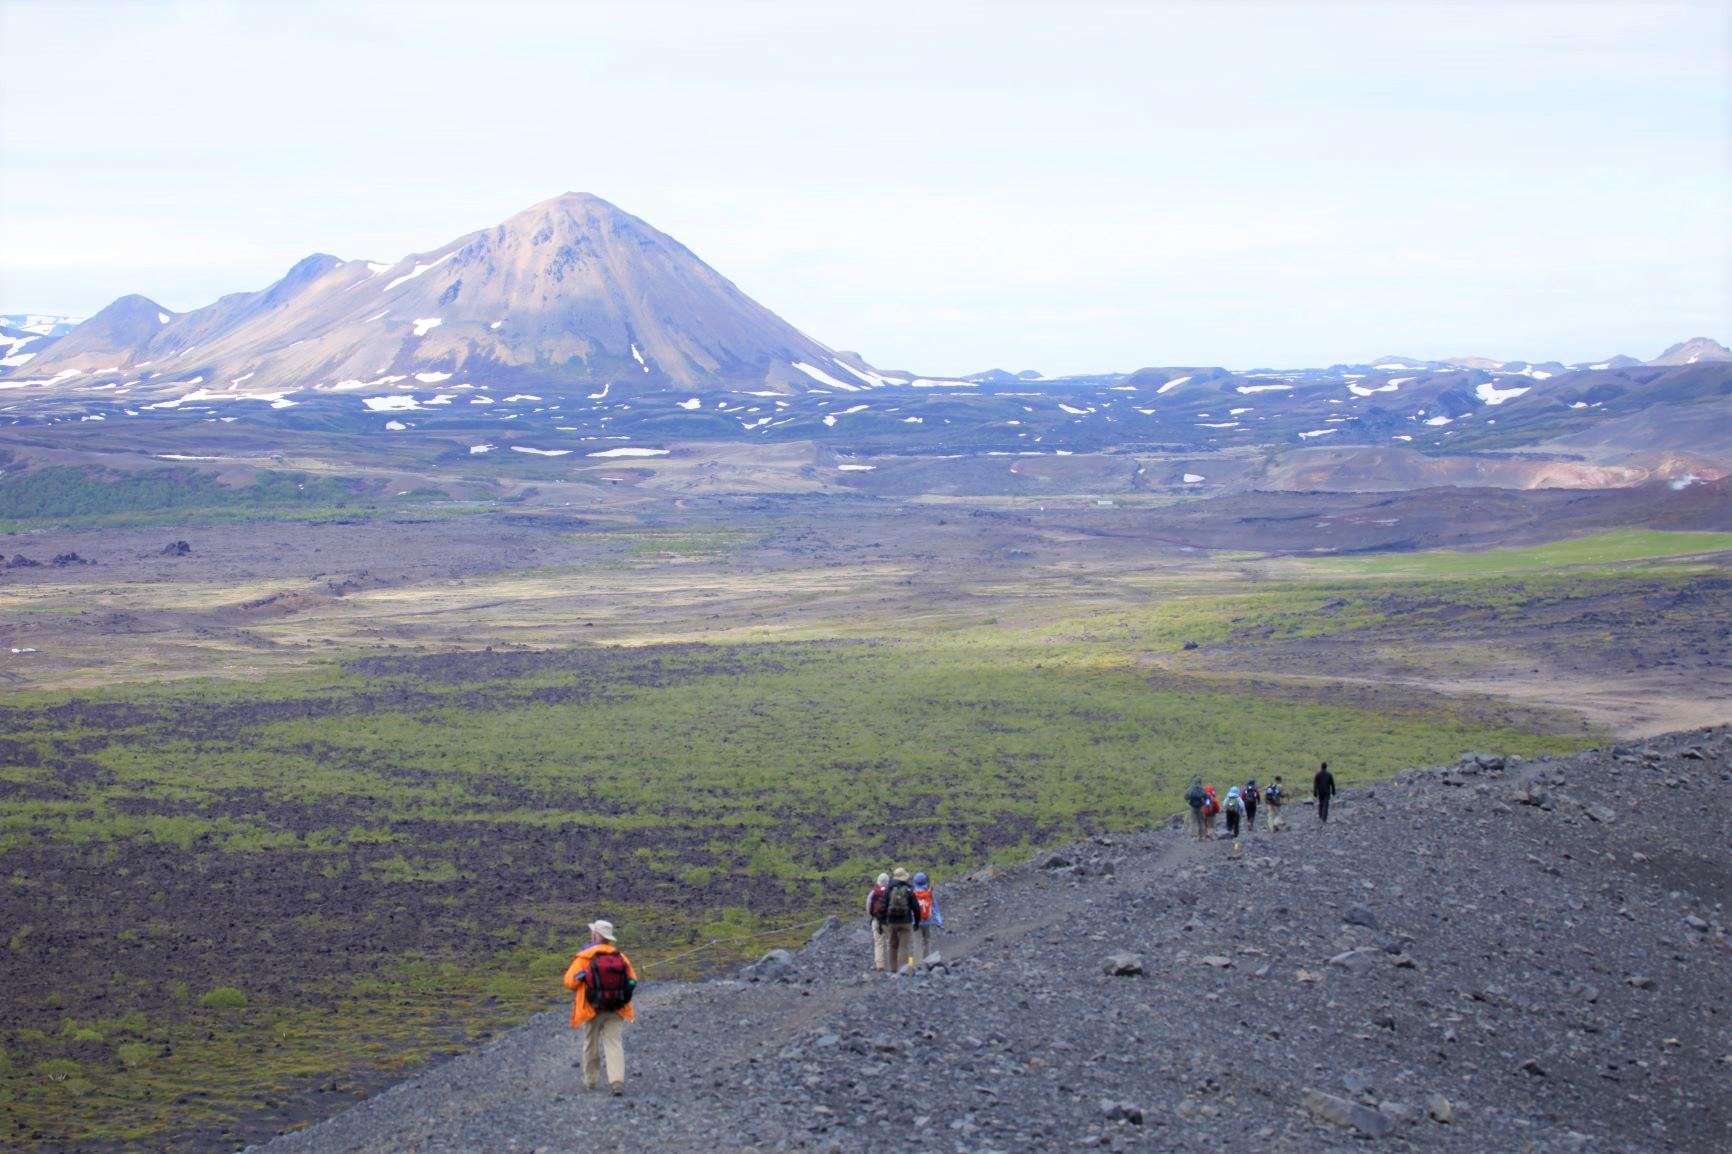 アイスランド北部ミーヴァトン周辺の溶岩台地をハイキング(6日目)